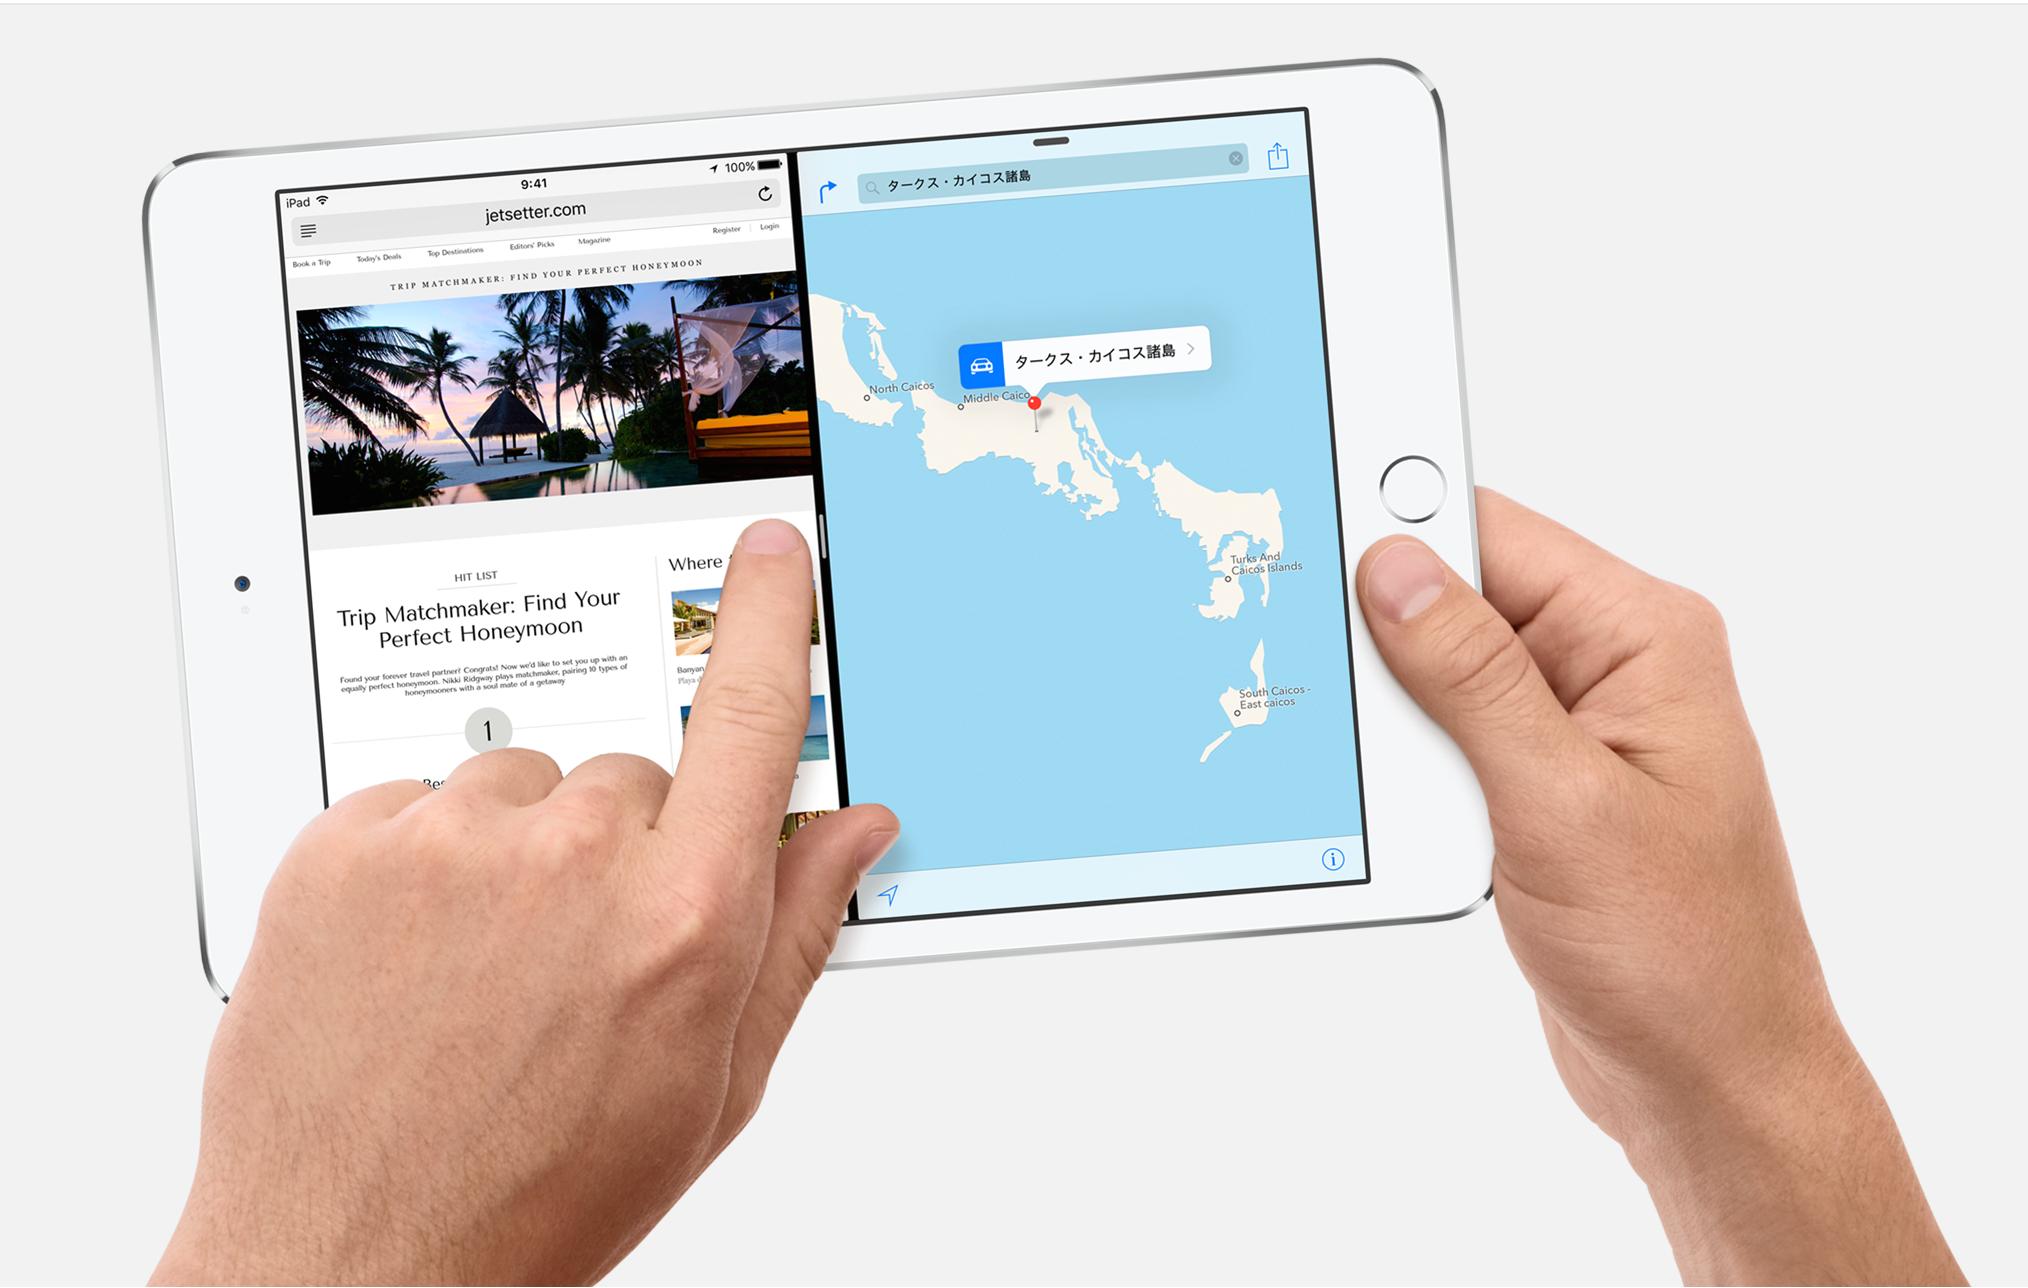 焼津市ふるさと納税返礼品 iPad mini4